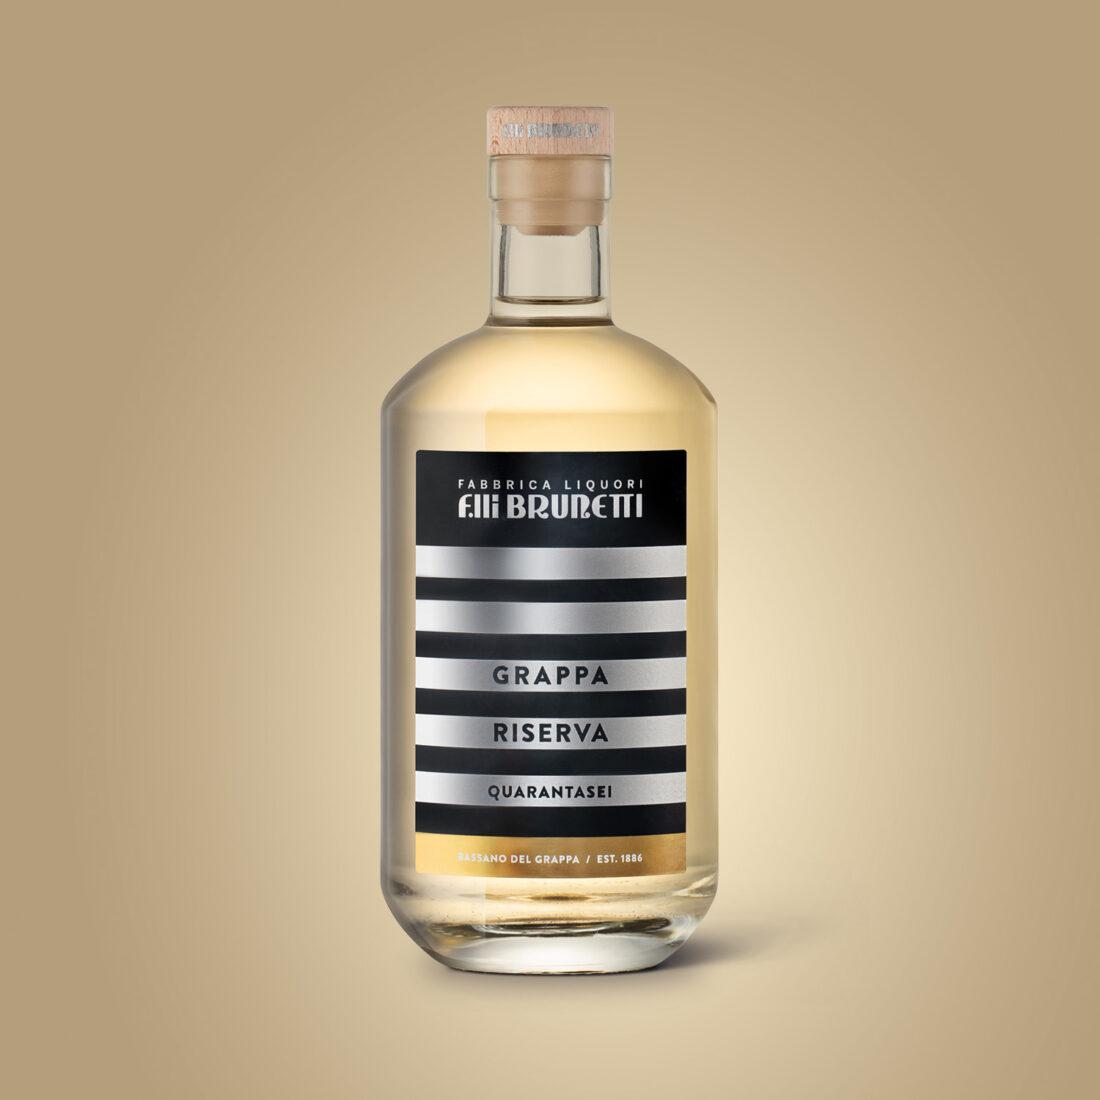 Foto still life bottiglia di liquore Brunetti